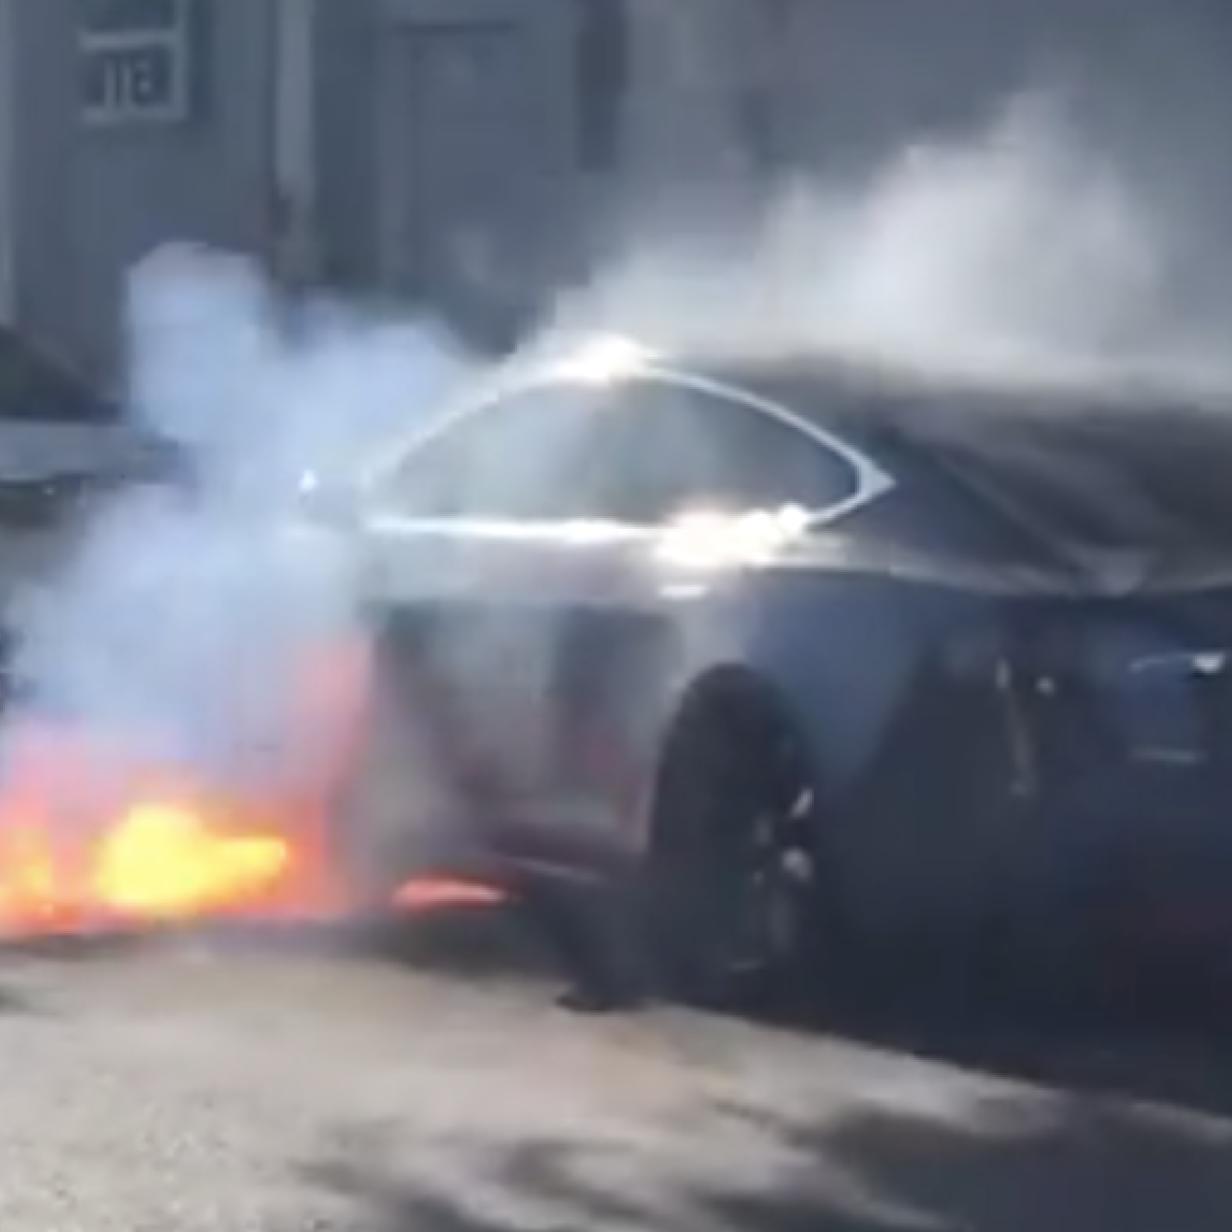 Akku-Manipulation wegen Brandgefahr: Tesla-Fahrer reichen Klage ein